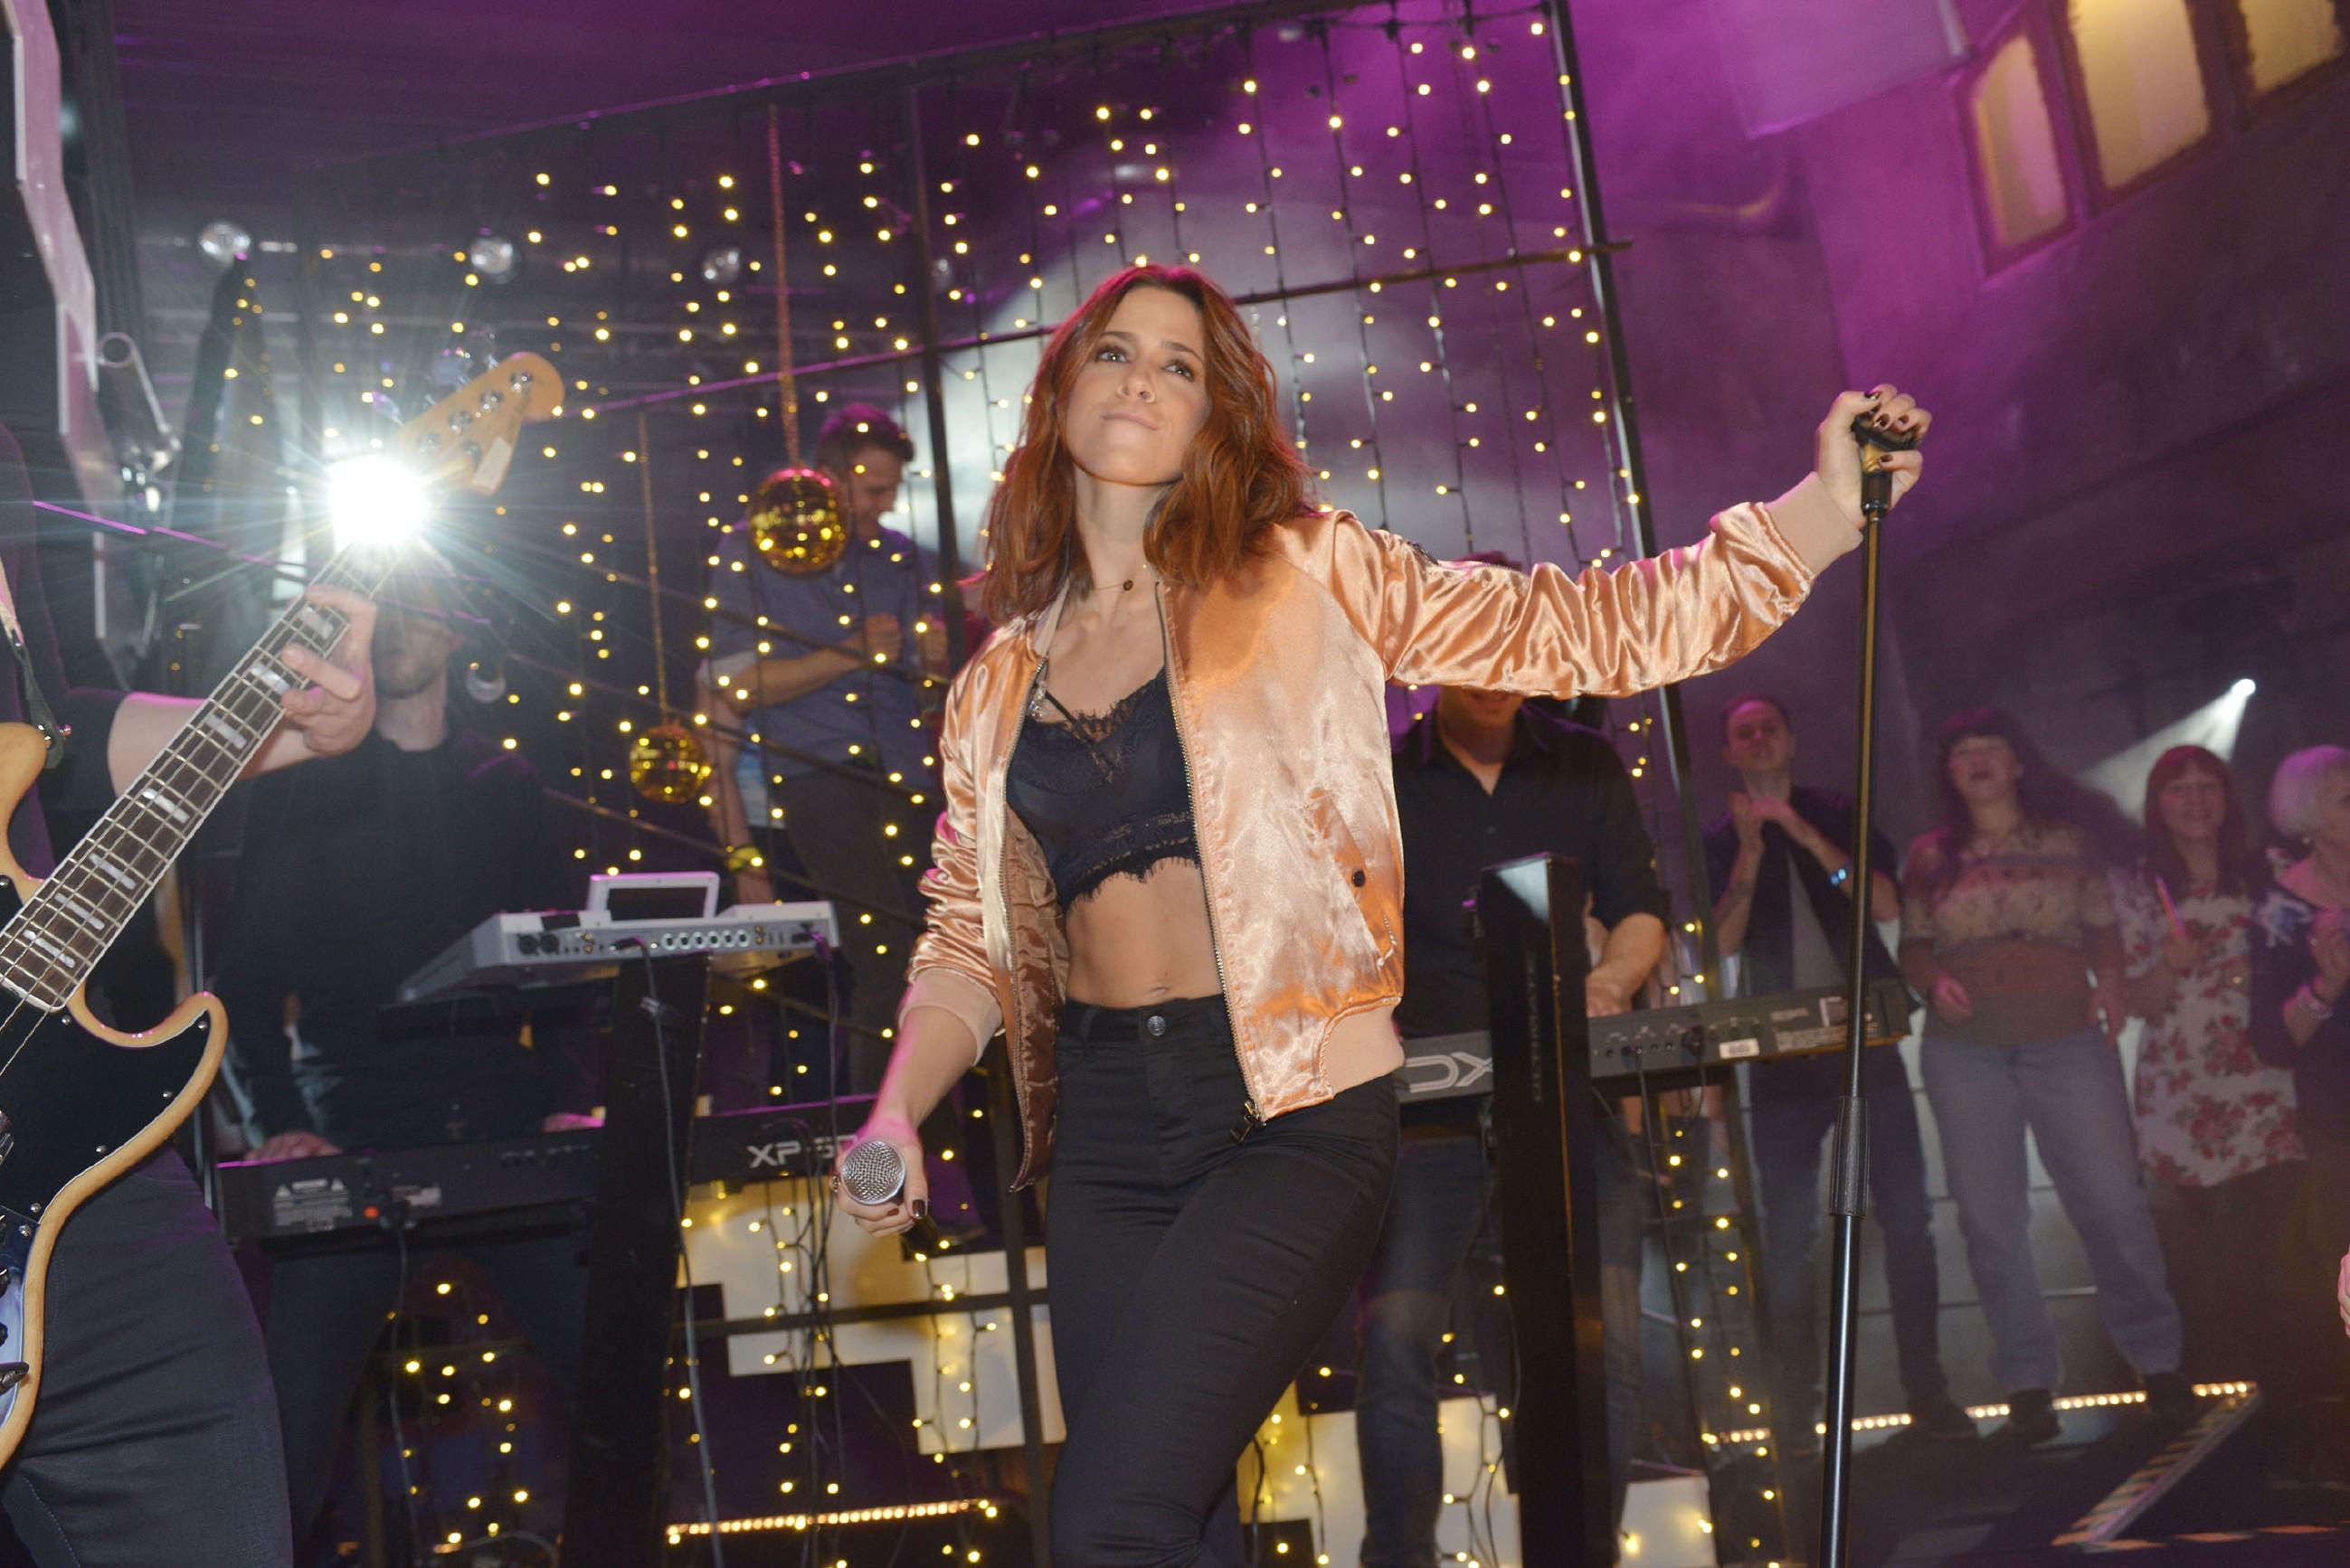 Die erfolgreiche deutsche Sängerin Vanessa Mai gibt ein Konzert im Mauerwerk und wird von den Gästen gefeiert! (Quelle: RTL / Rolf Baumgartner)